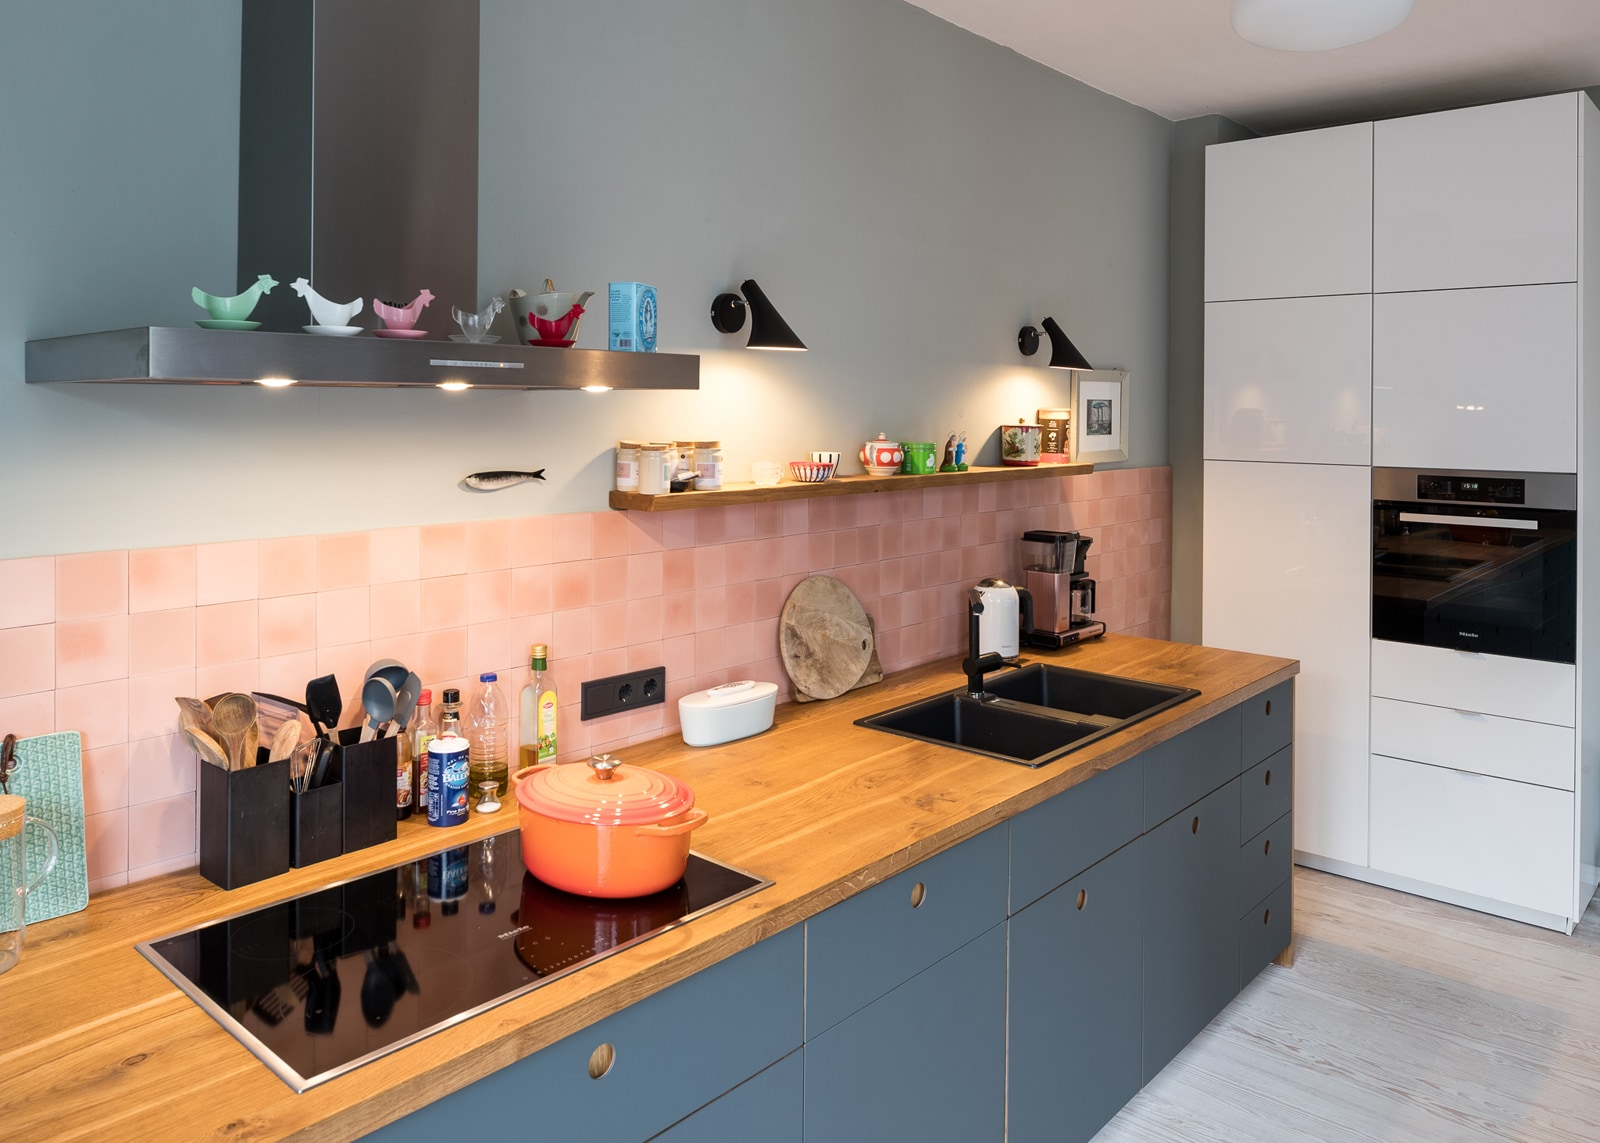 zementmosaikplatten-30-rosa-kueche-foto-Jan Meier-via-gmbh-02 |